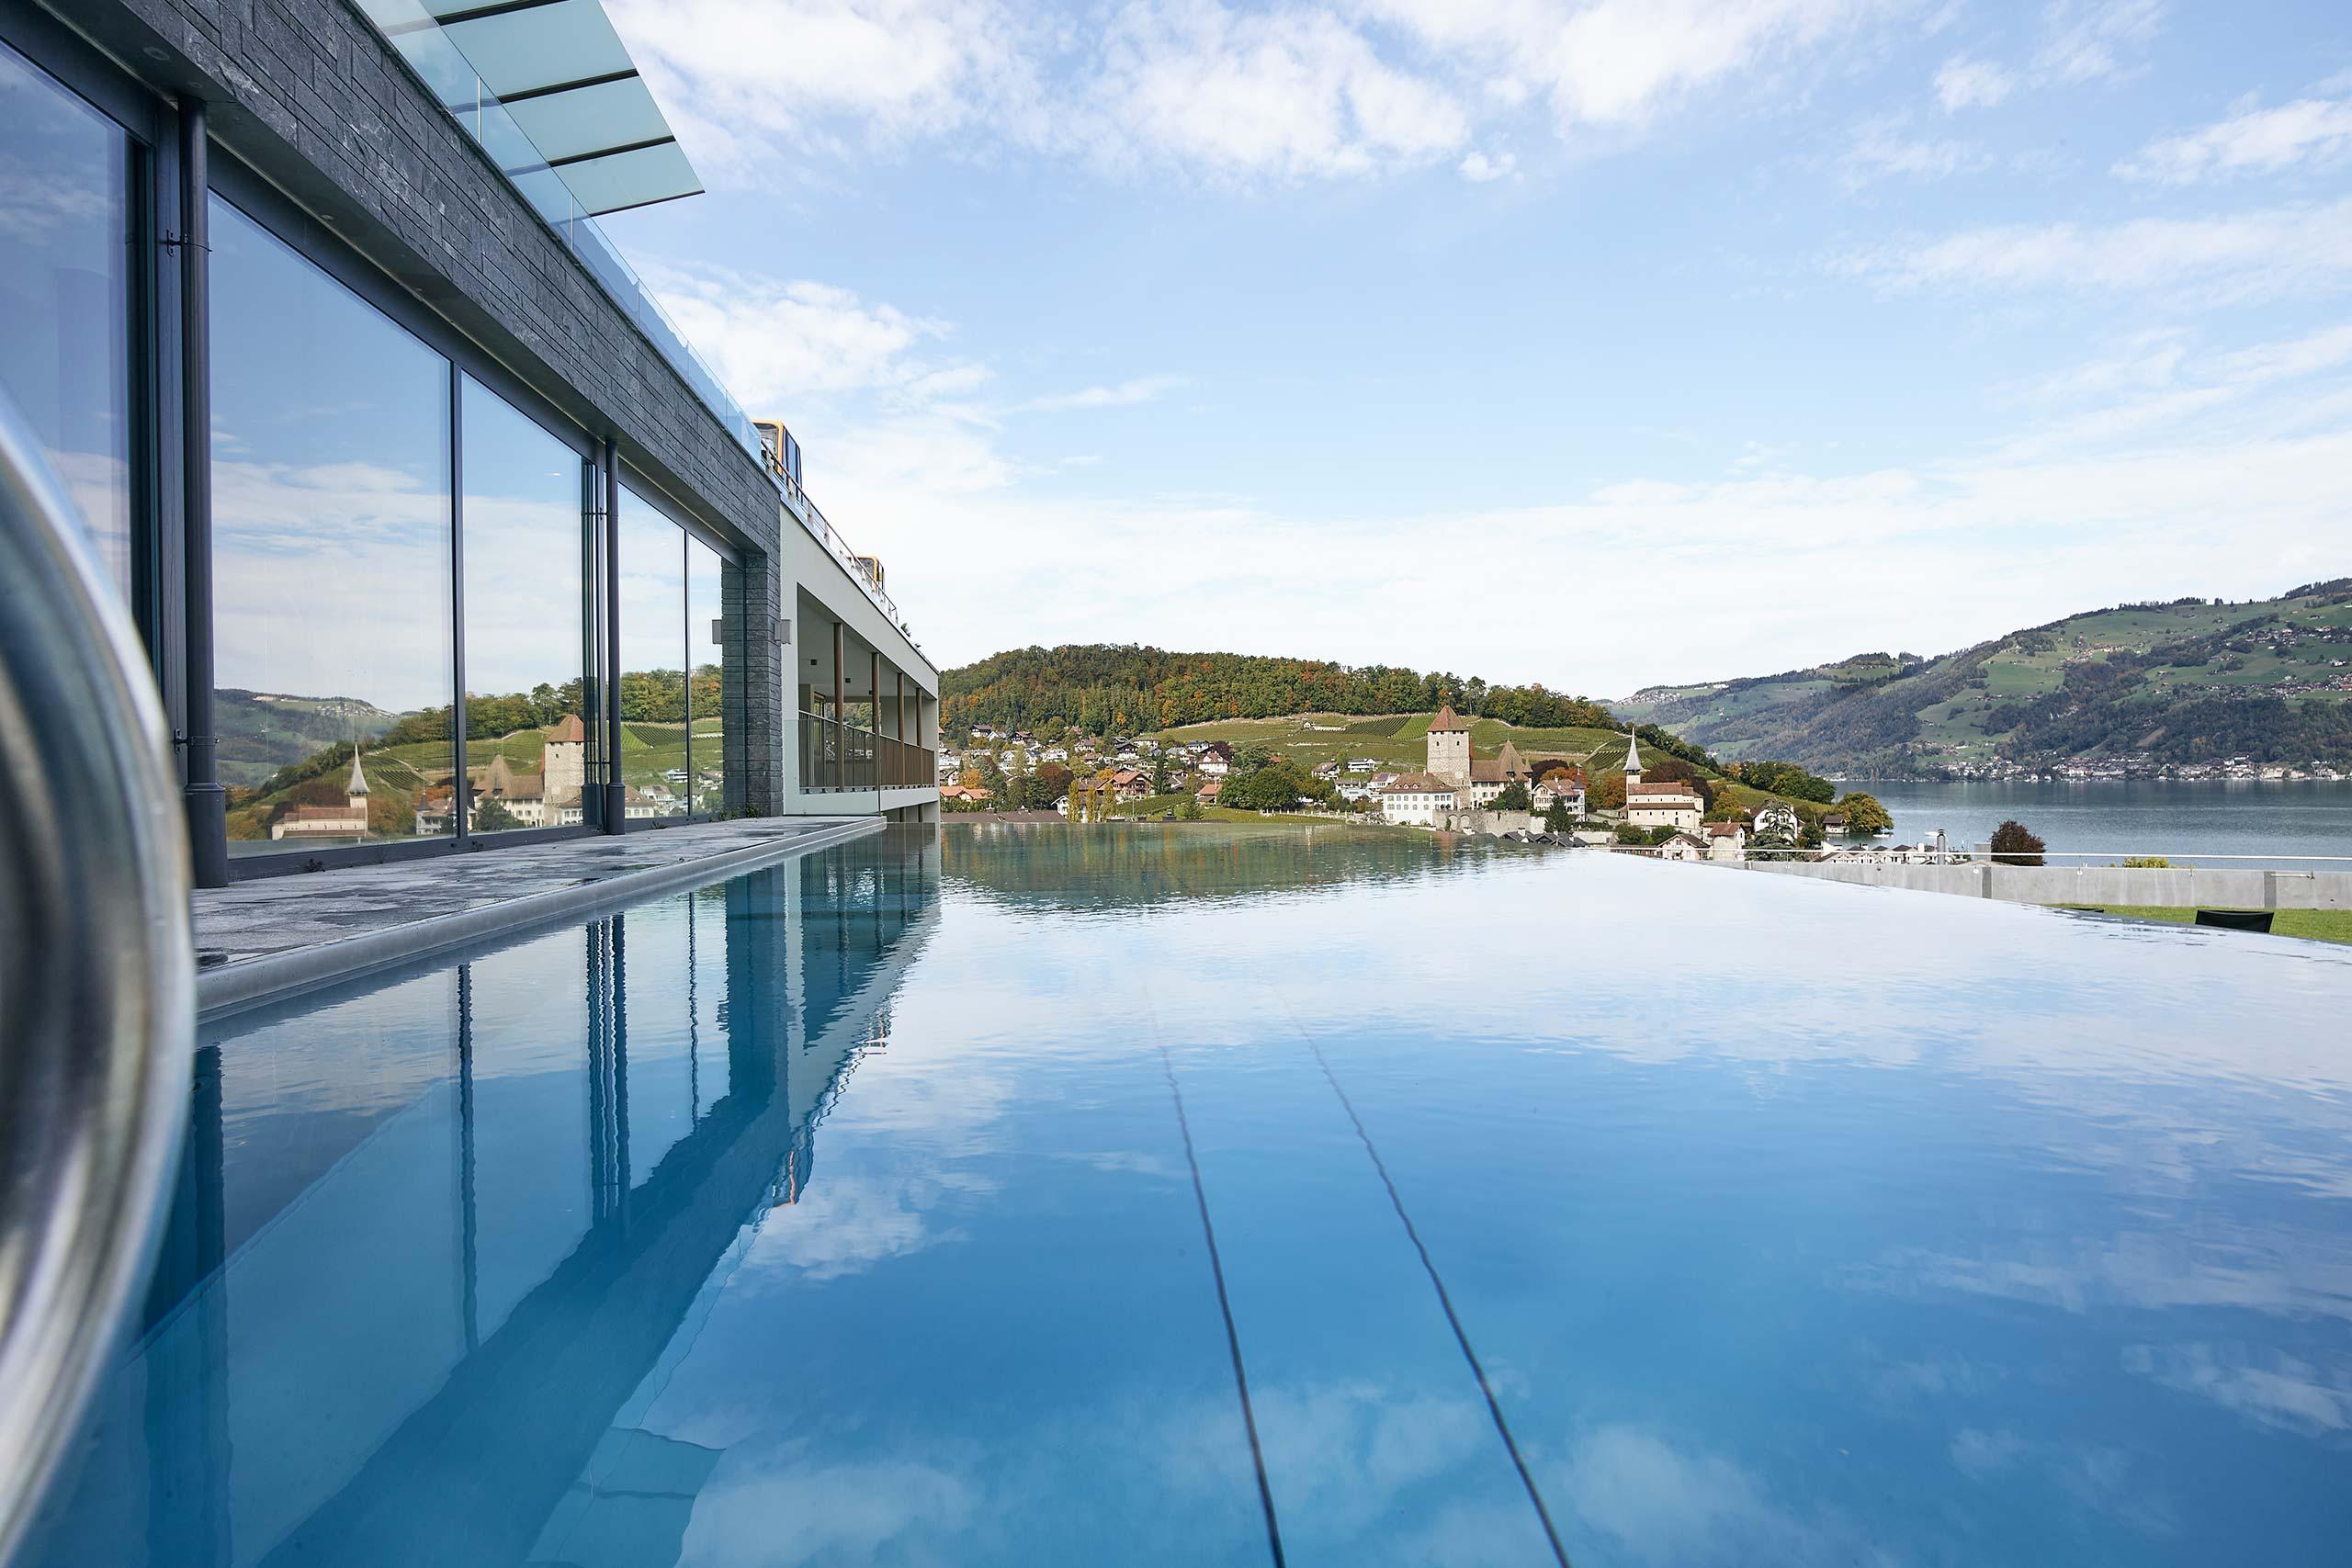 spiez-belvedere-wellness-oase-infinity-pool-aussicht-spiez.jpg